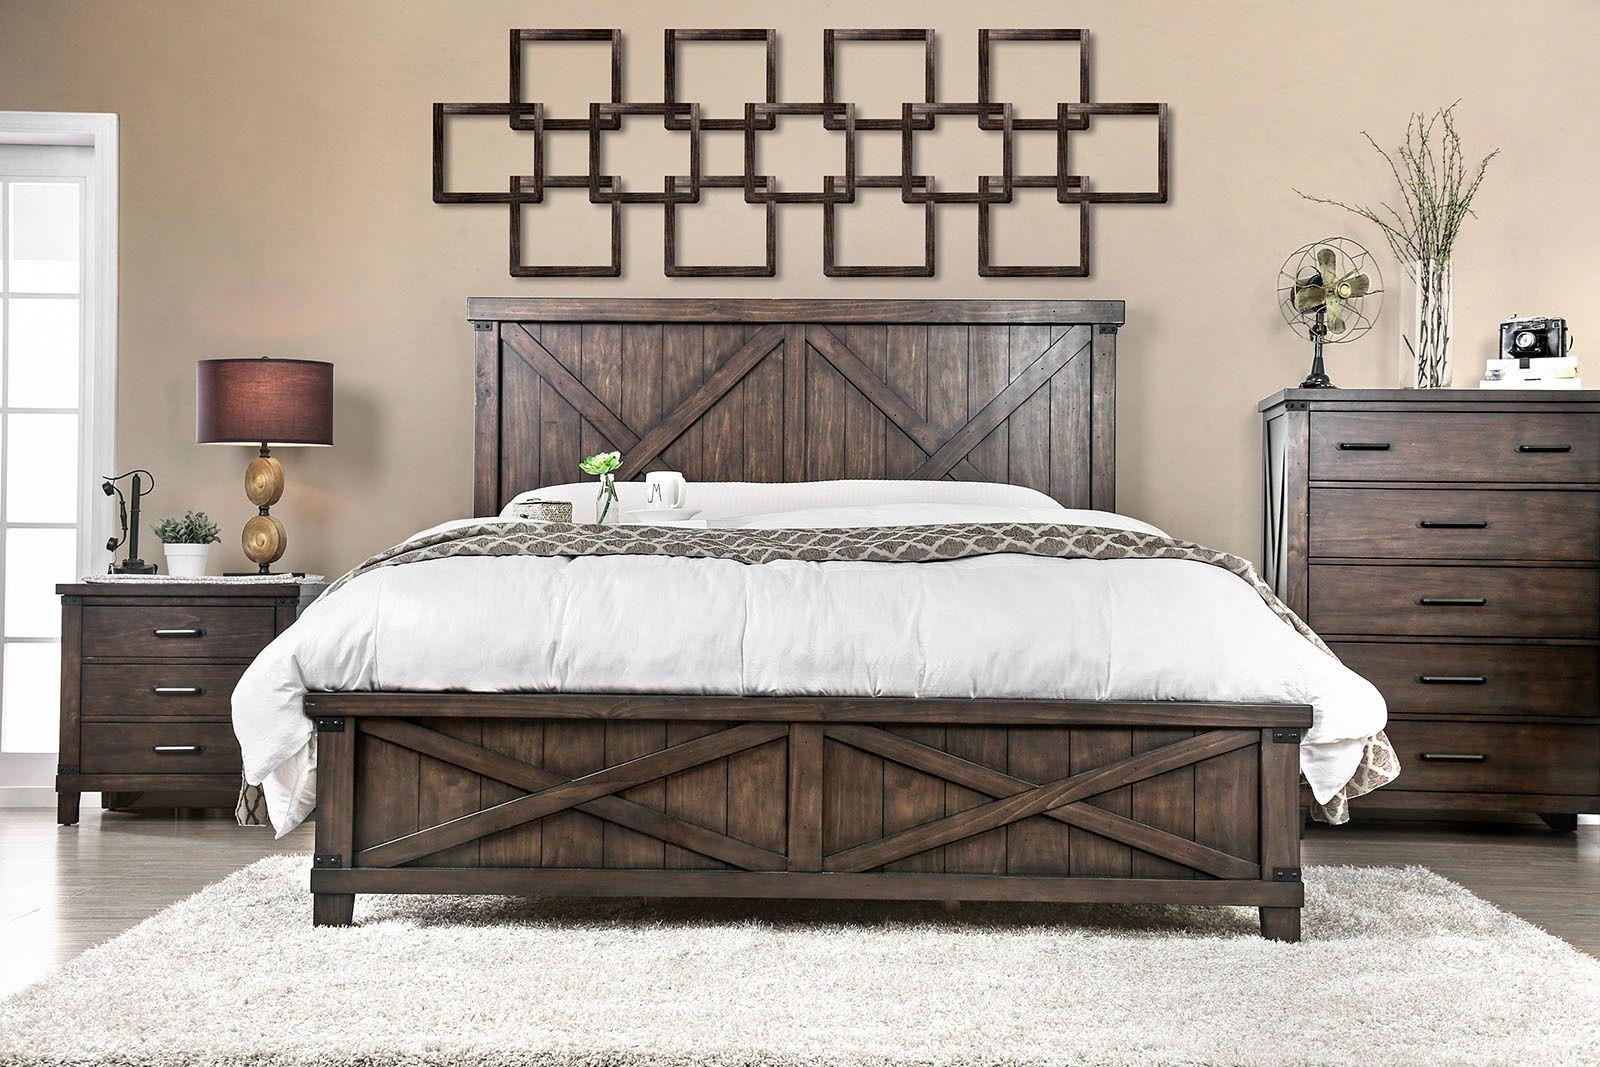 Low Priced Furniture FastFurnitureRepairLlc Furniture